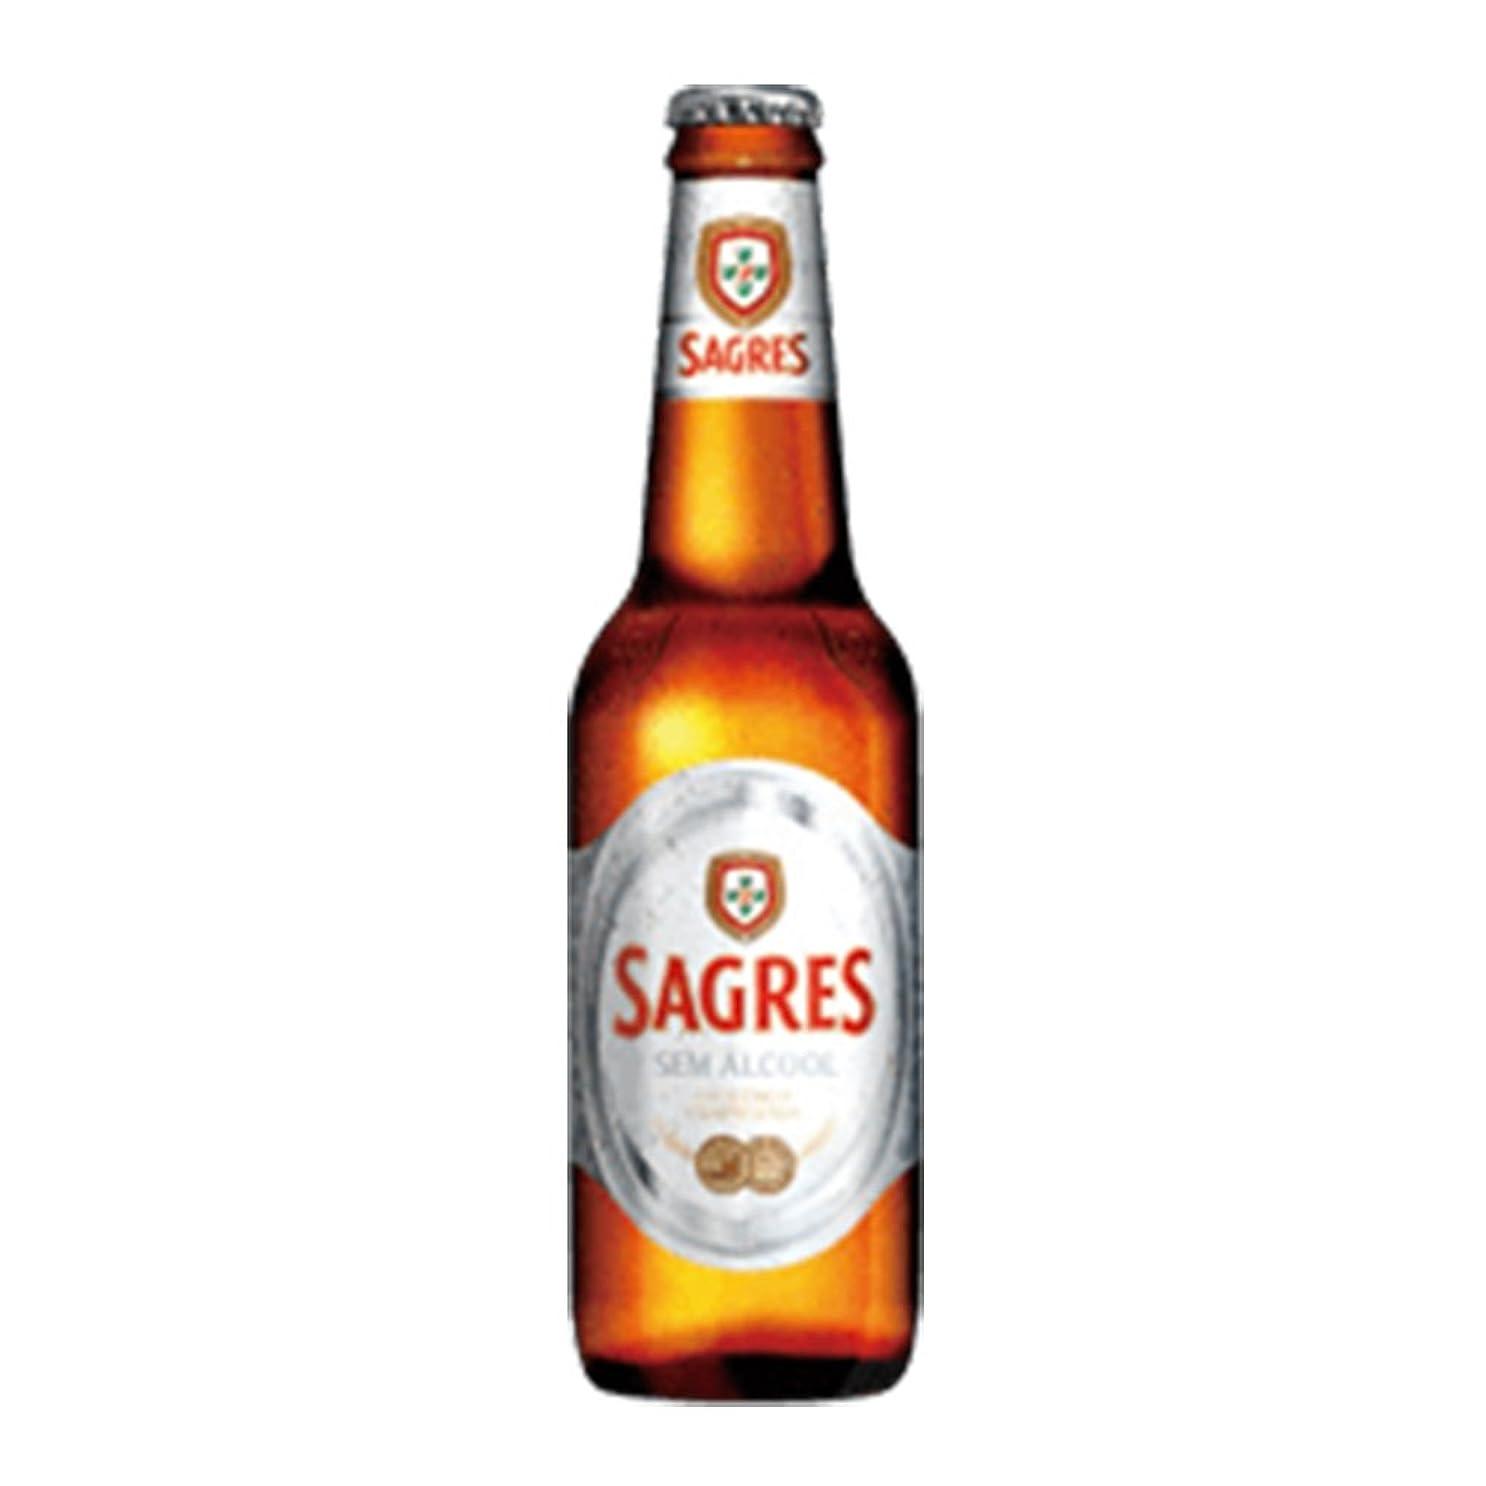 ピア部屋を掃除するインフラサグレス ゼロ 0.3度 330ml 24本セット(1ケース) 瓶 ポルトガル ビール [並行輸入品]